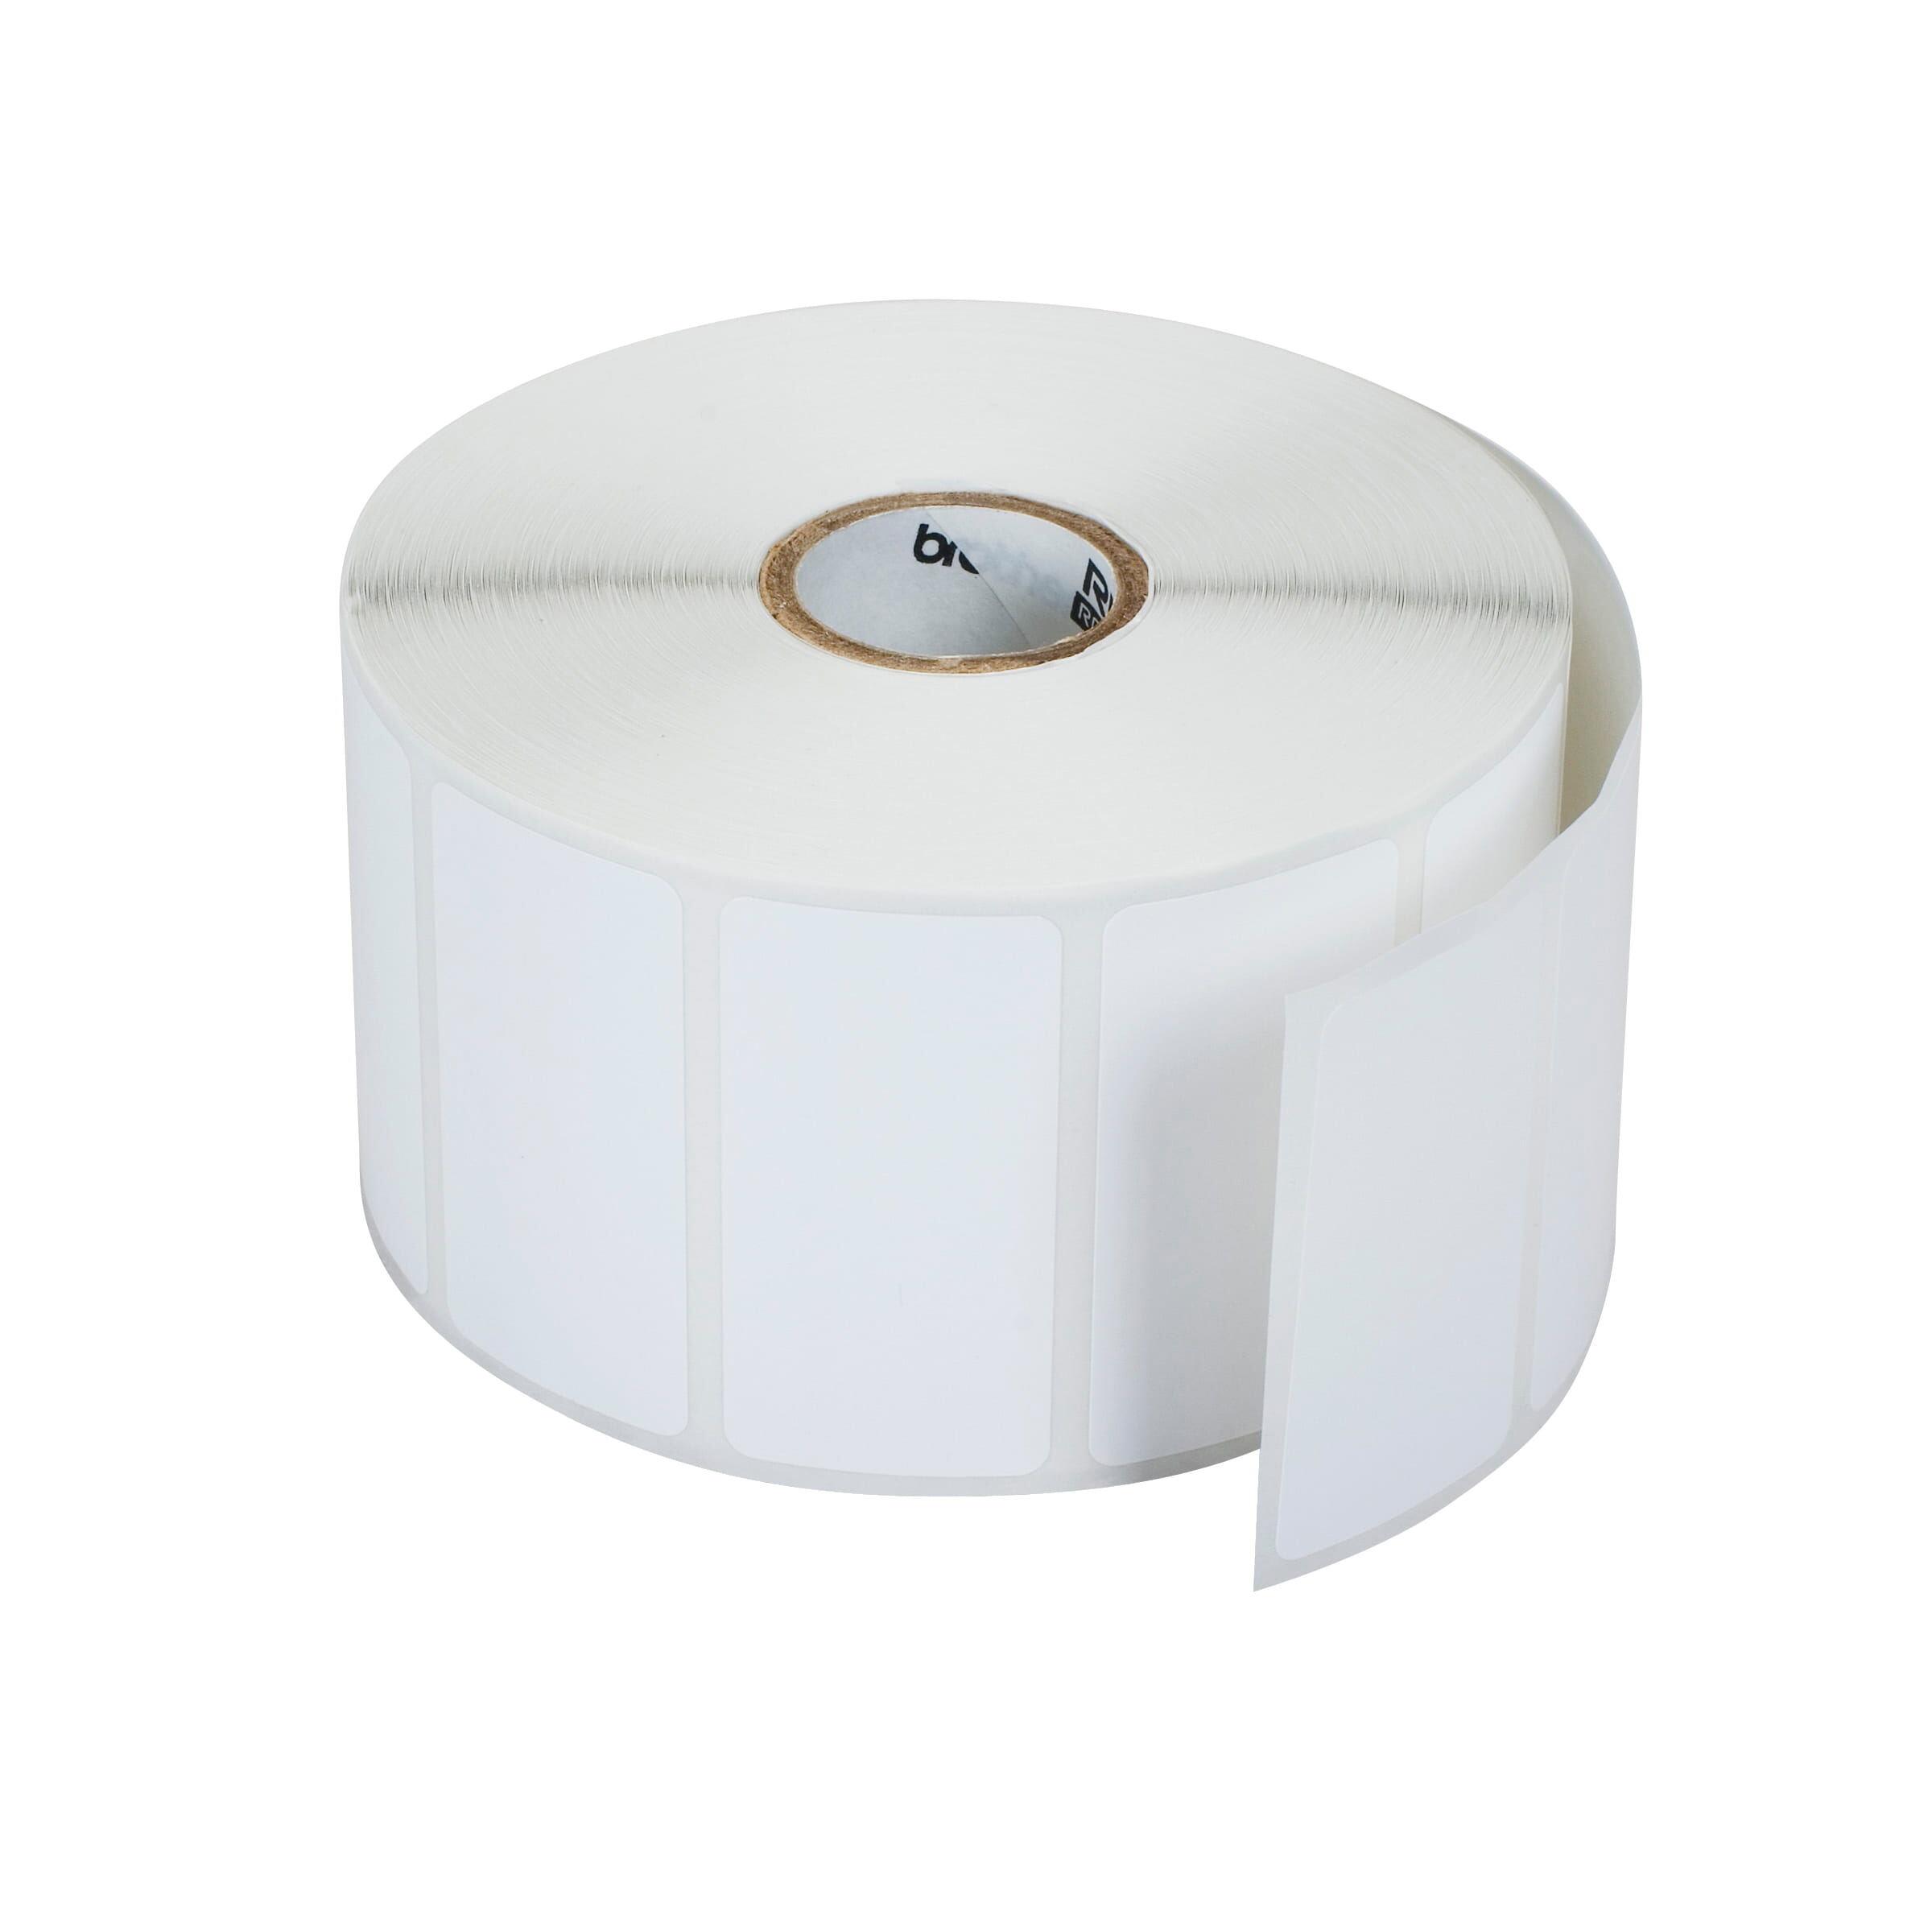 RD-SO5U1-2x1 - label roll